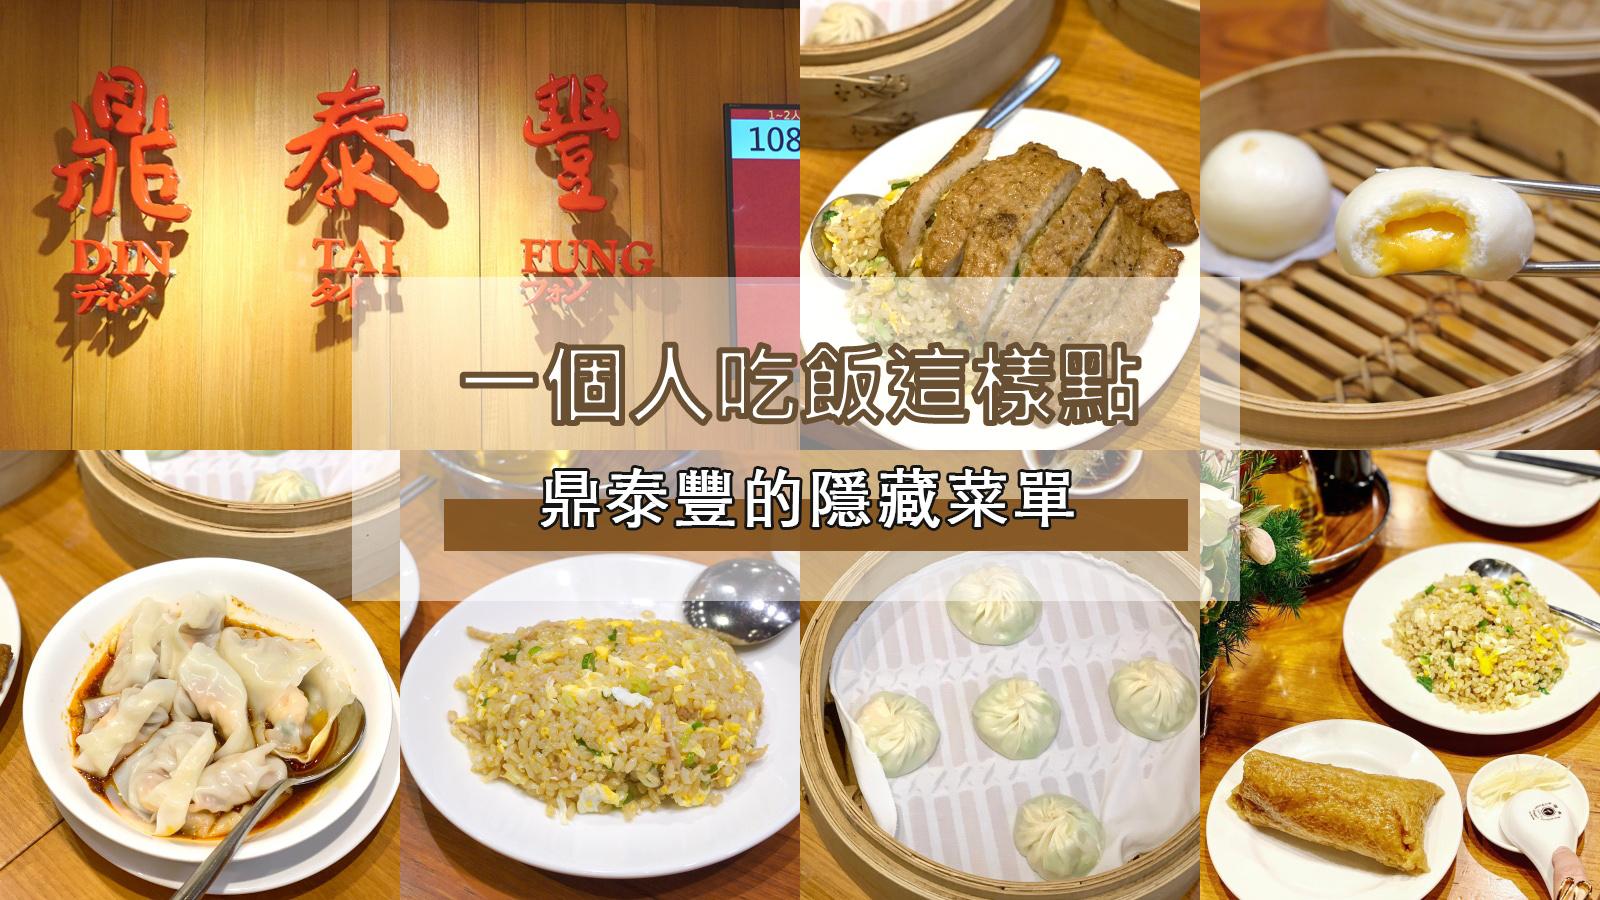 閱讀文章:☆【美食】一個人吃鼎泰豐這樣點!鼎泰豐的隱藏版菜單